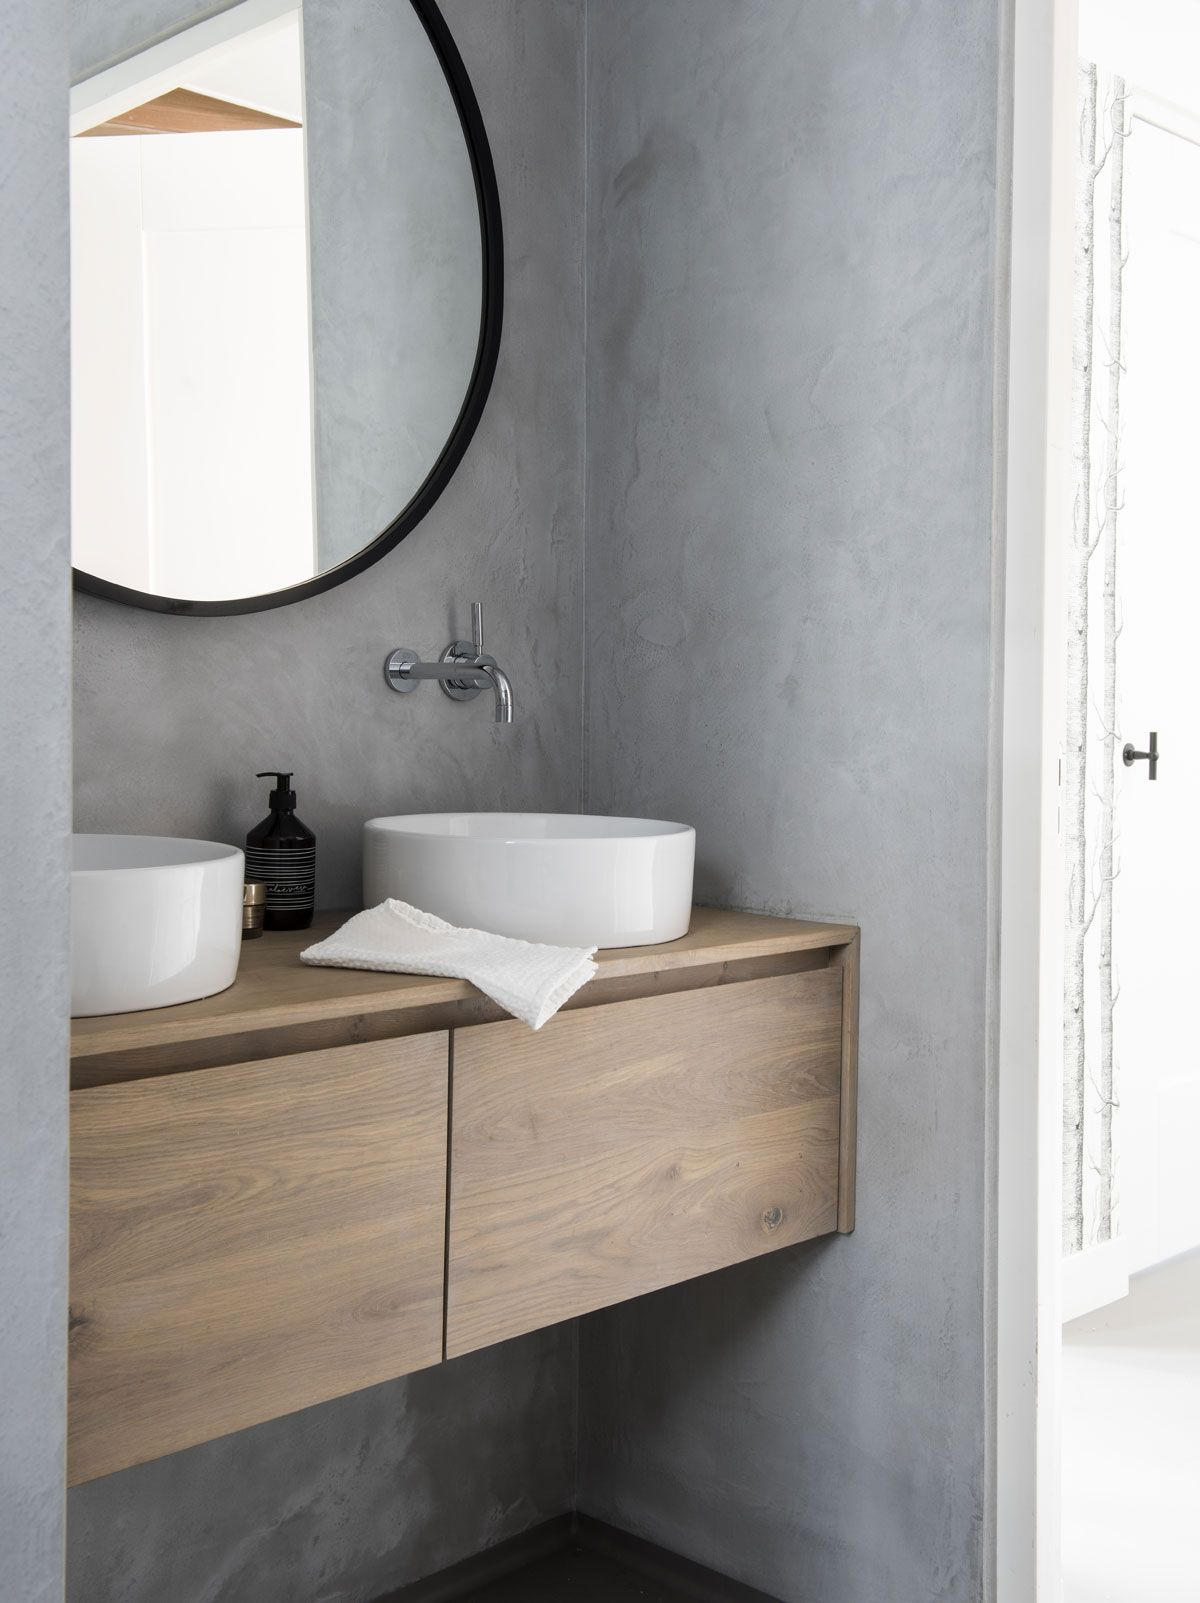 NIEUWBOUWHUIS • een badkamer met betonnen muren en vloer: stoer en ...